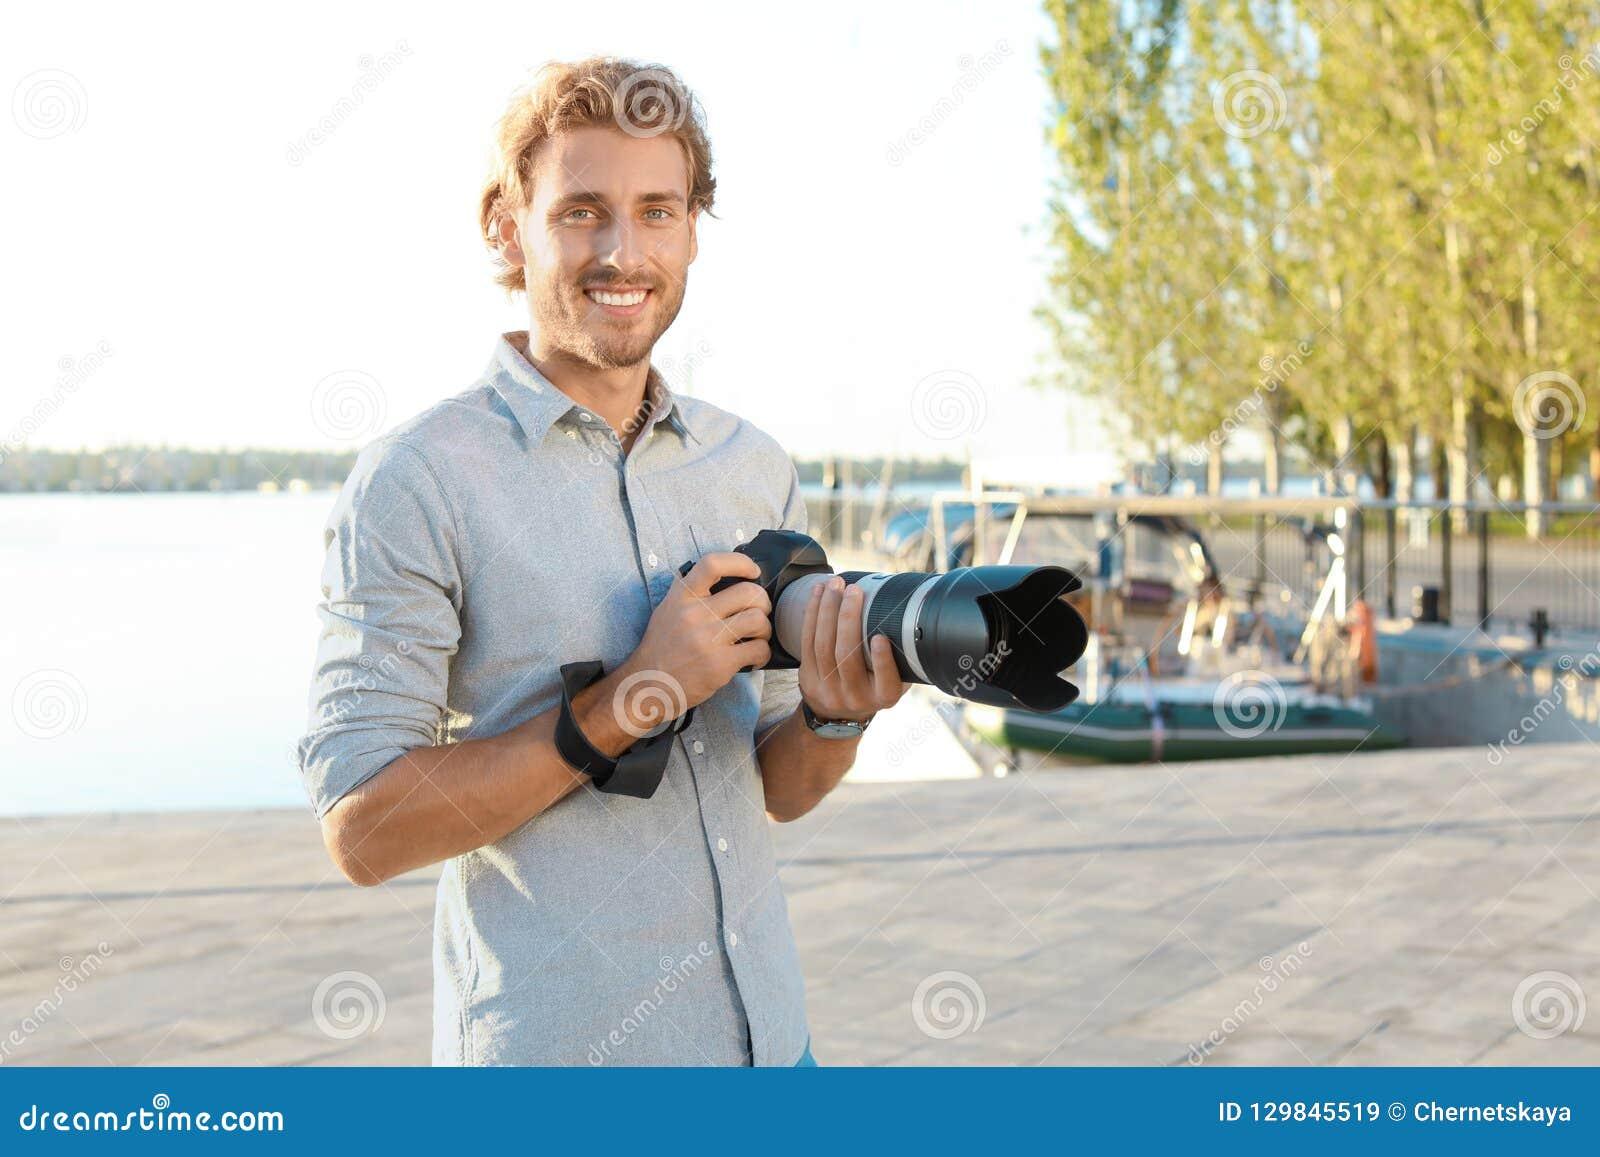 Όμορφος αρσενικός φωτογράφος που κρατά την επαγγελματική κάμερα στην αποβάθρα